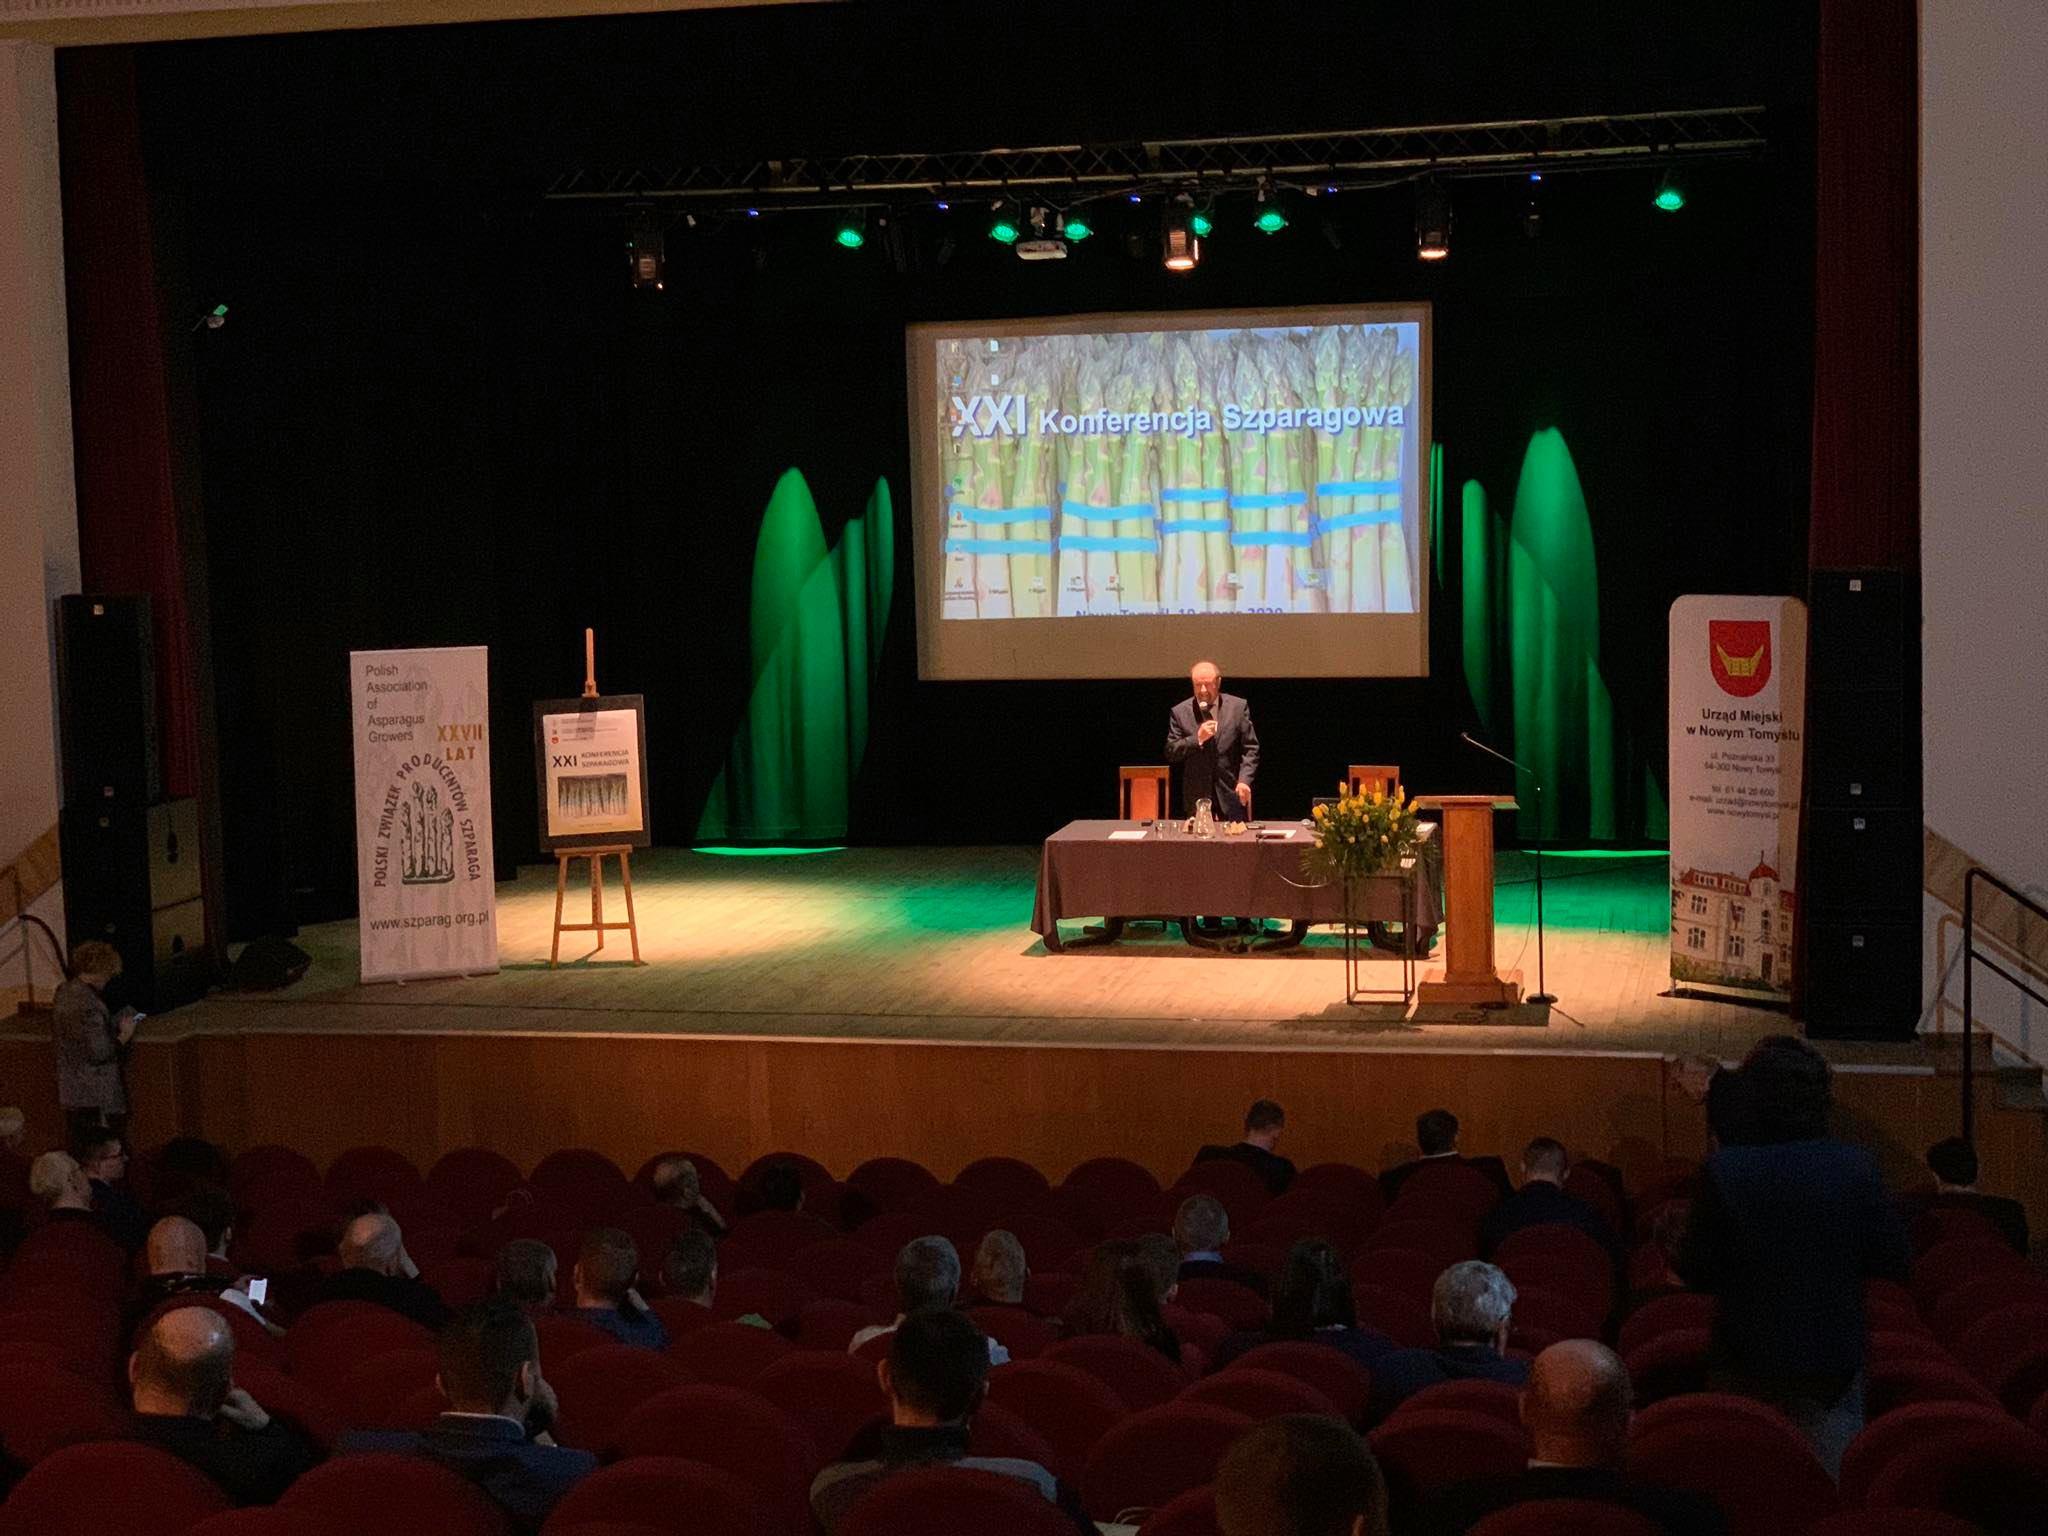 XI Konferencja Szparagowa - Kacper Witt